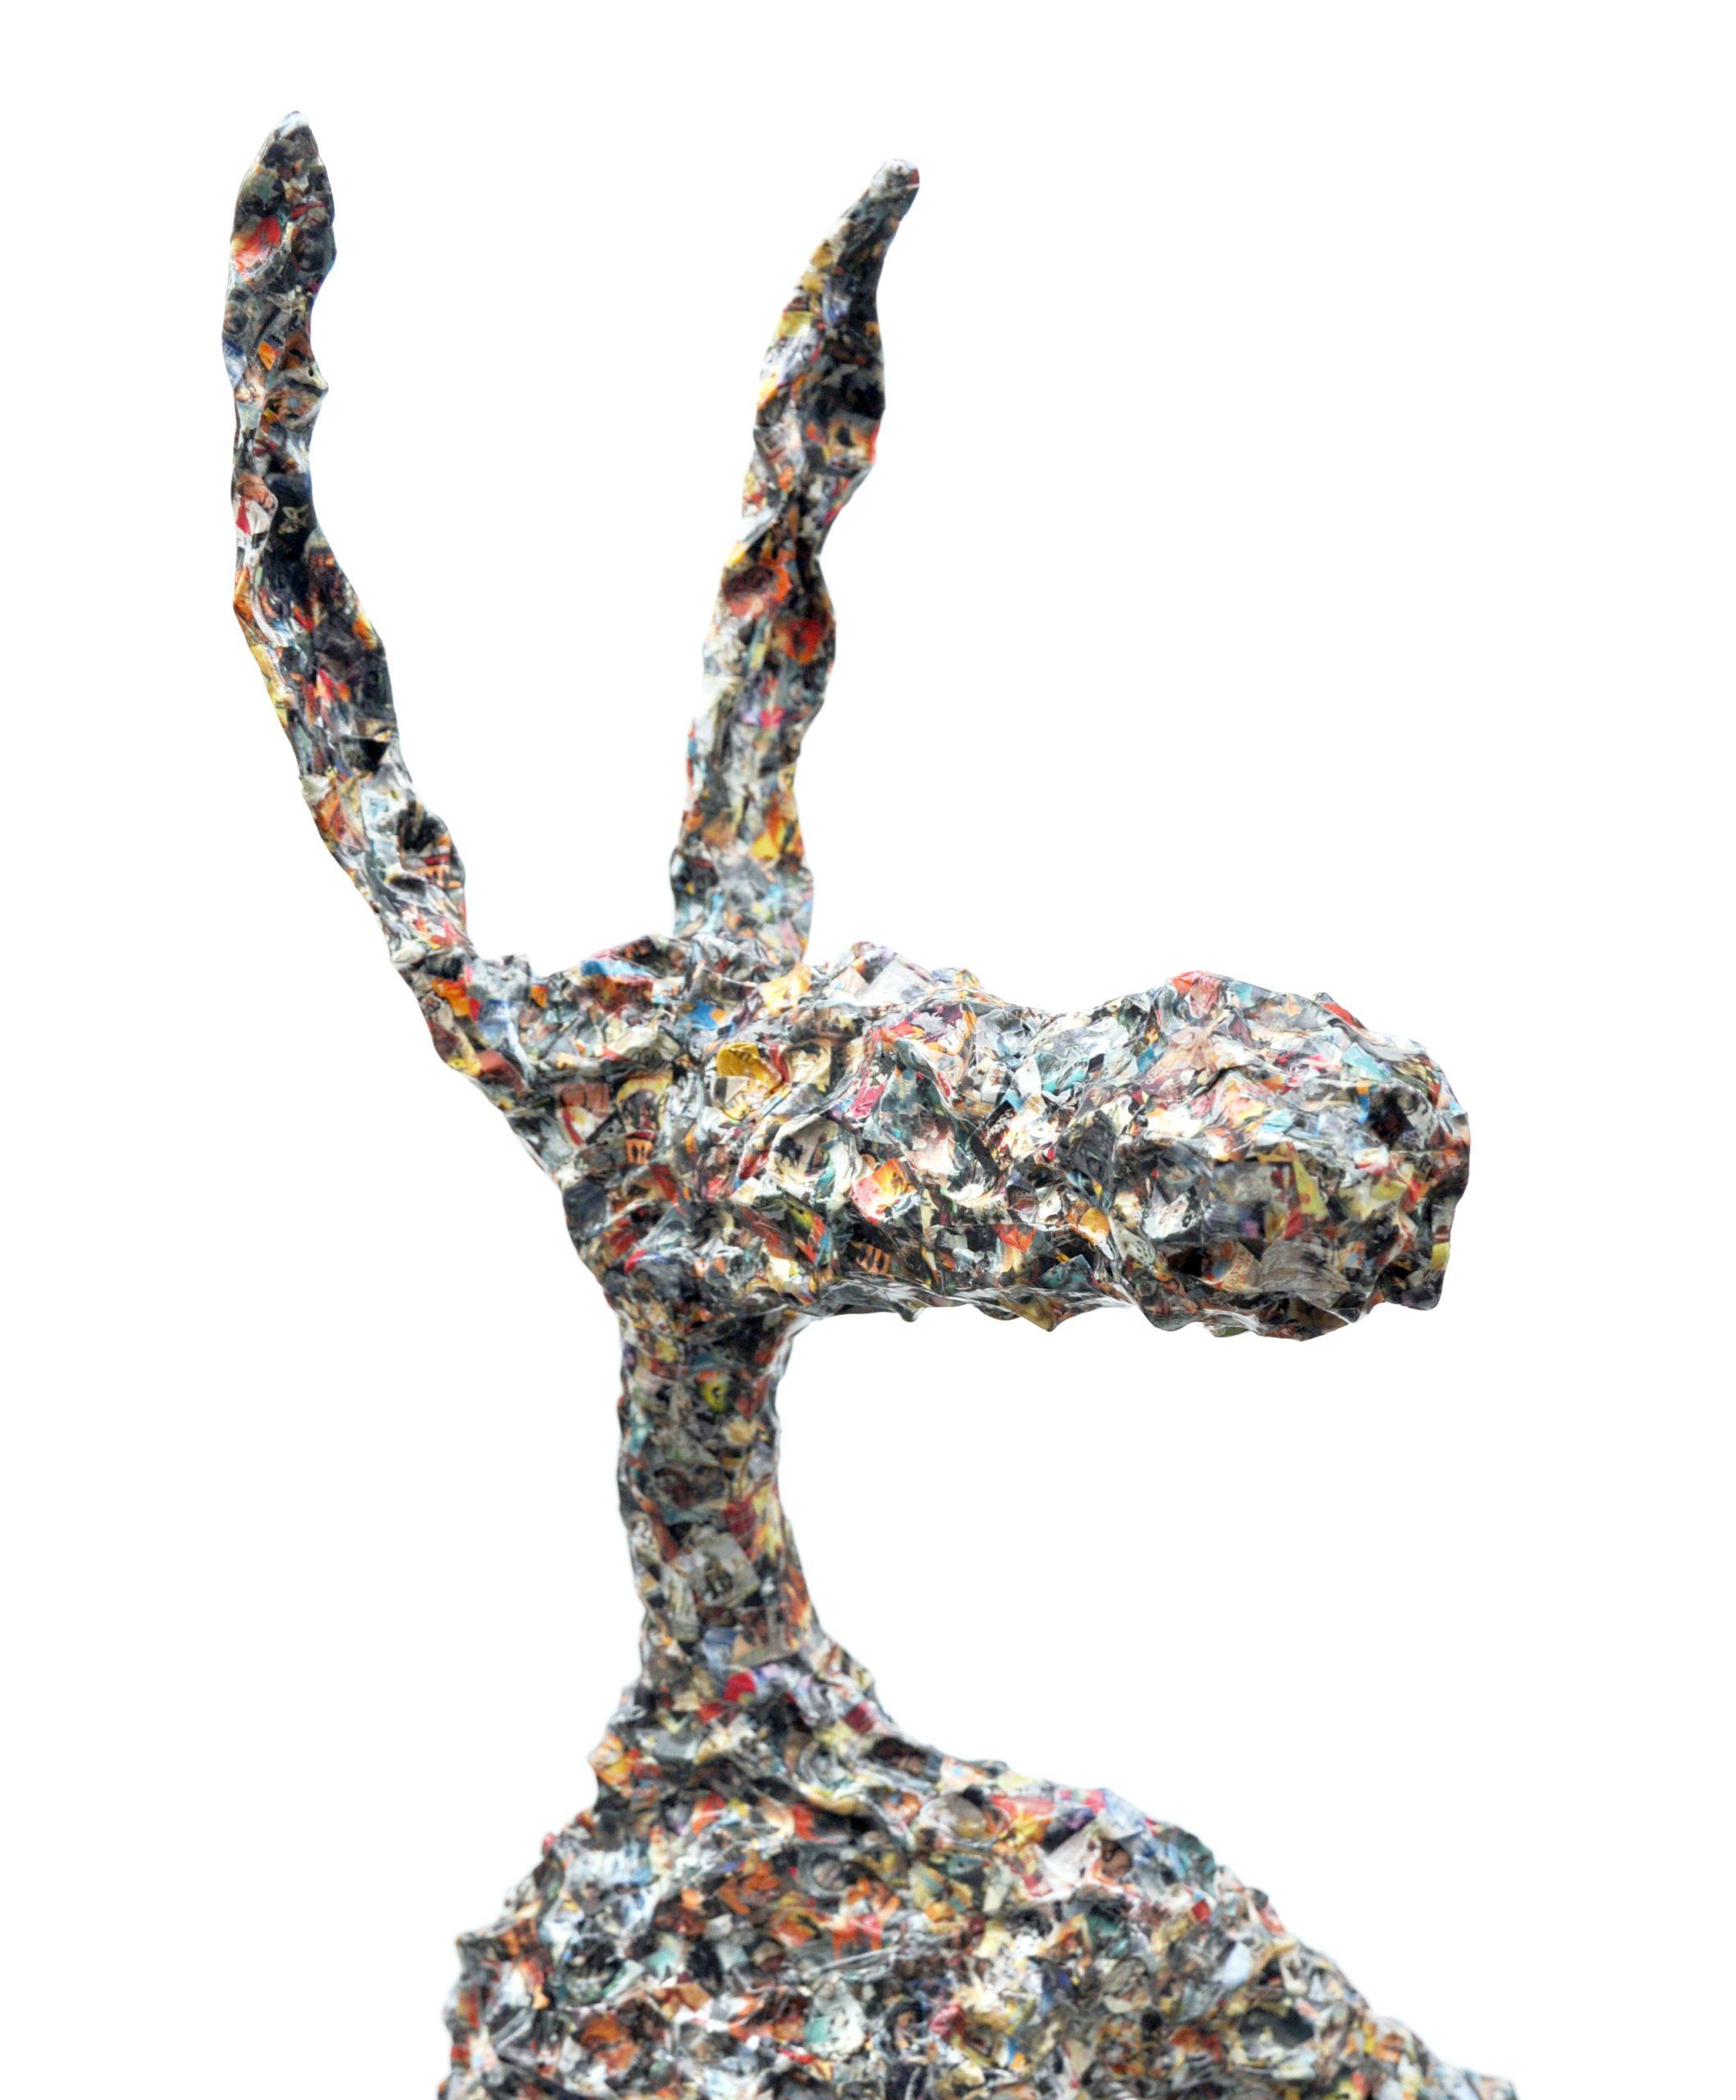 le comoedia brest chaudé karine détails jamais 2 sans 3 galerie exposition vente art contemporain finistere bretagne culture tourisme